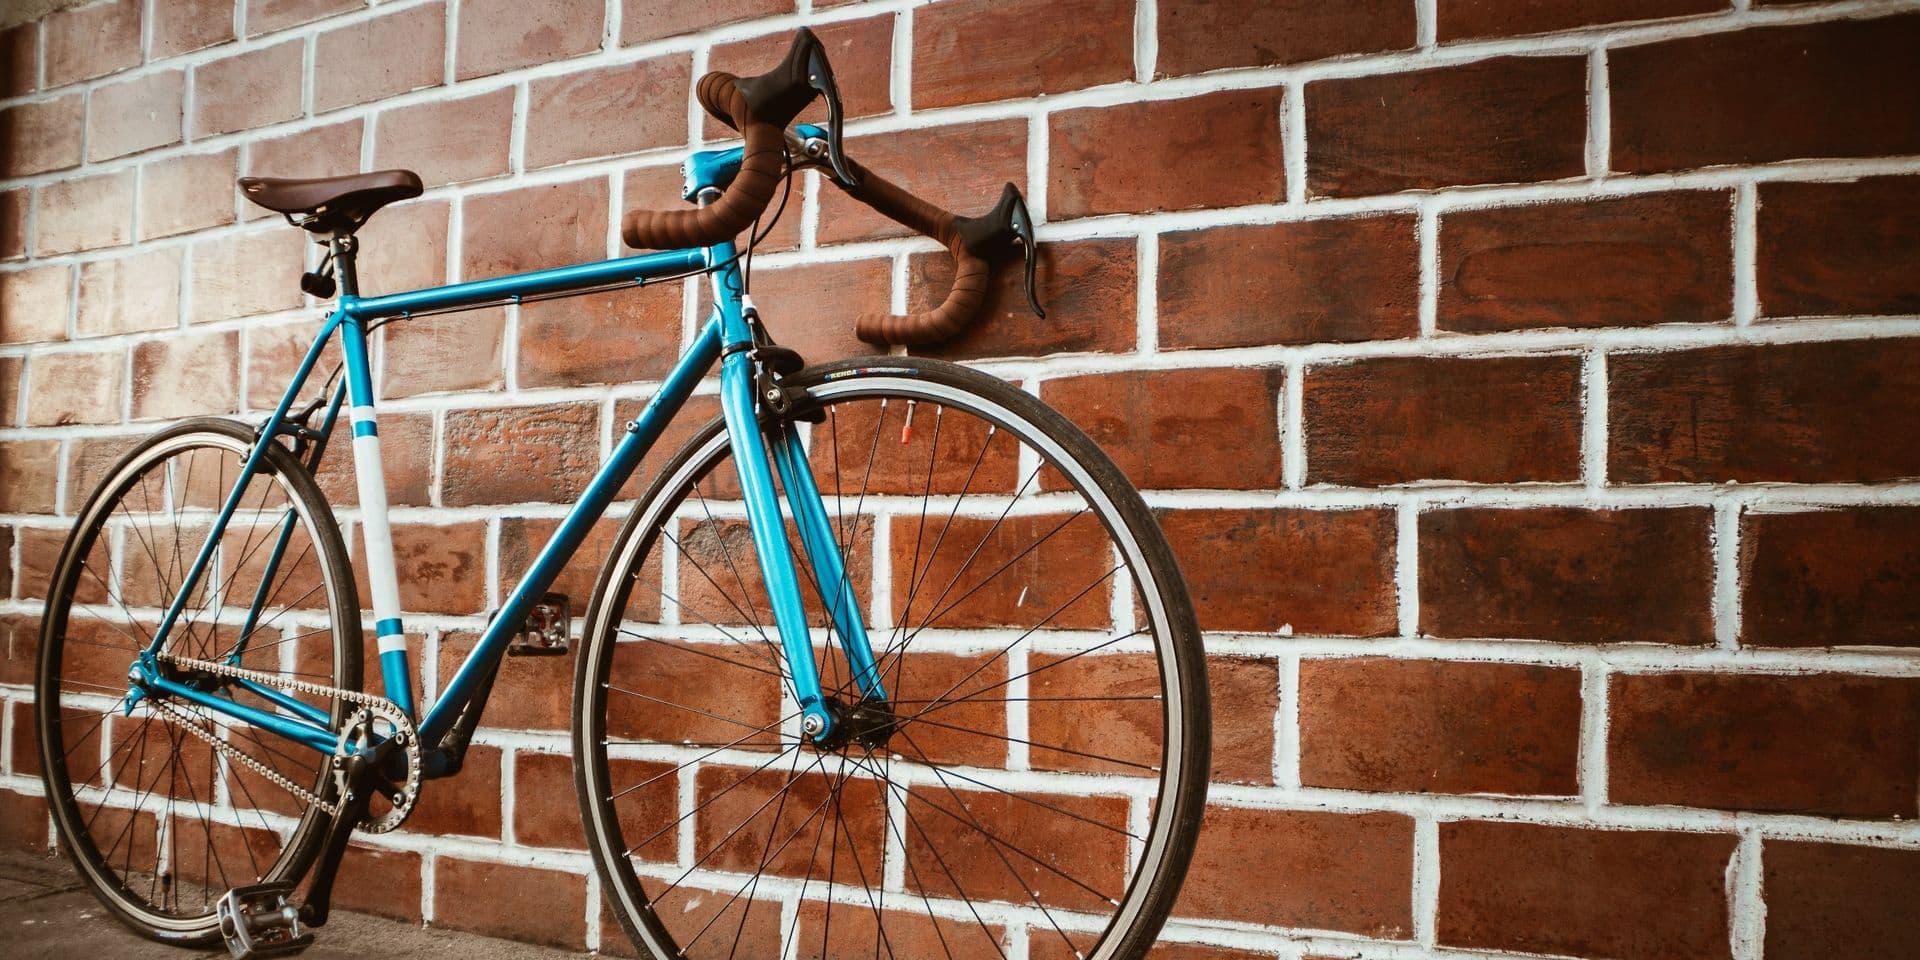 Les rues cyclables ne sont pas forcément favorables aux cyclistes